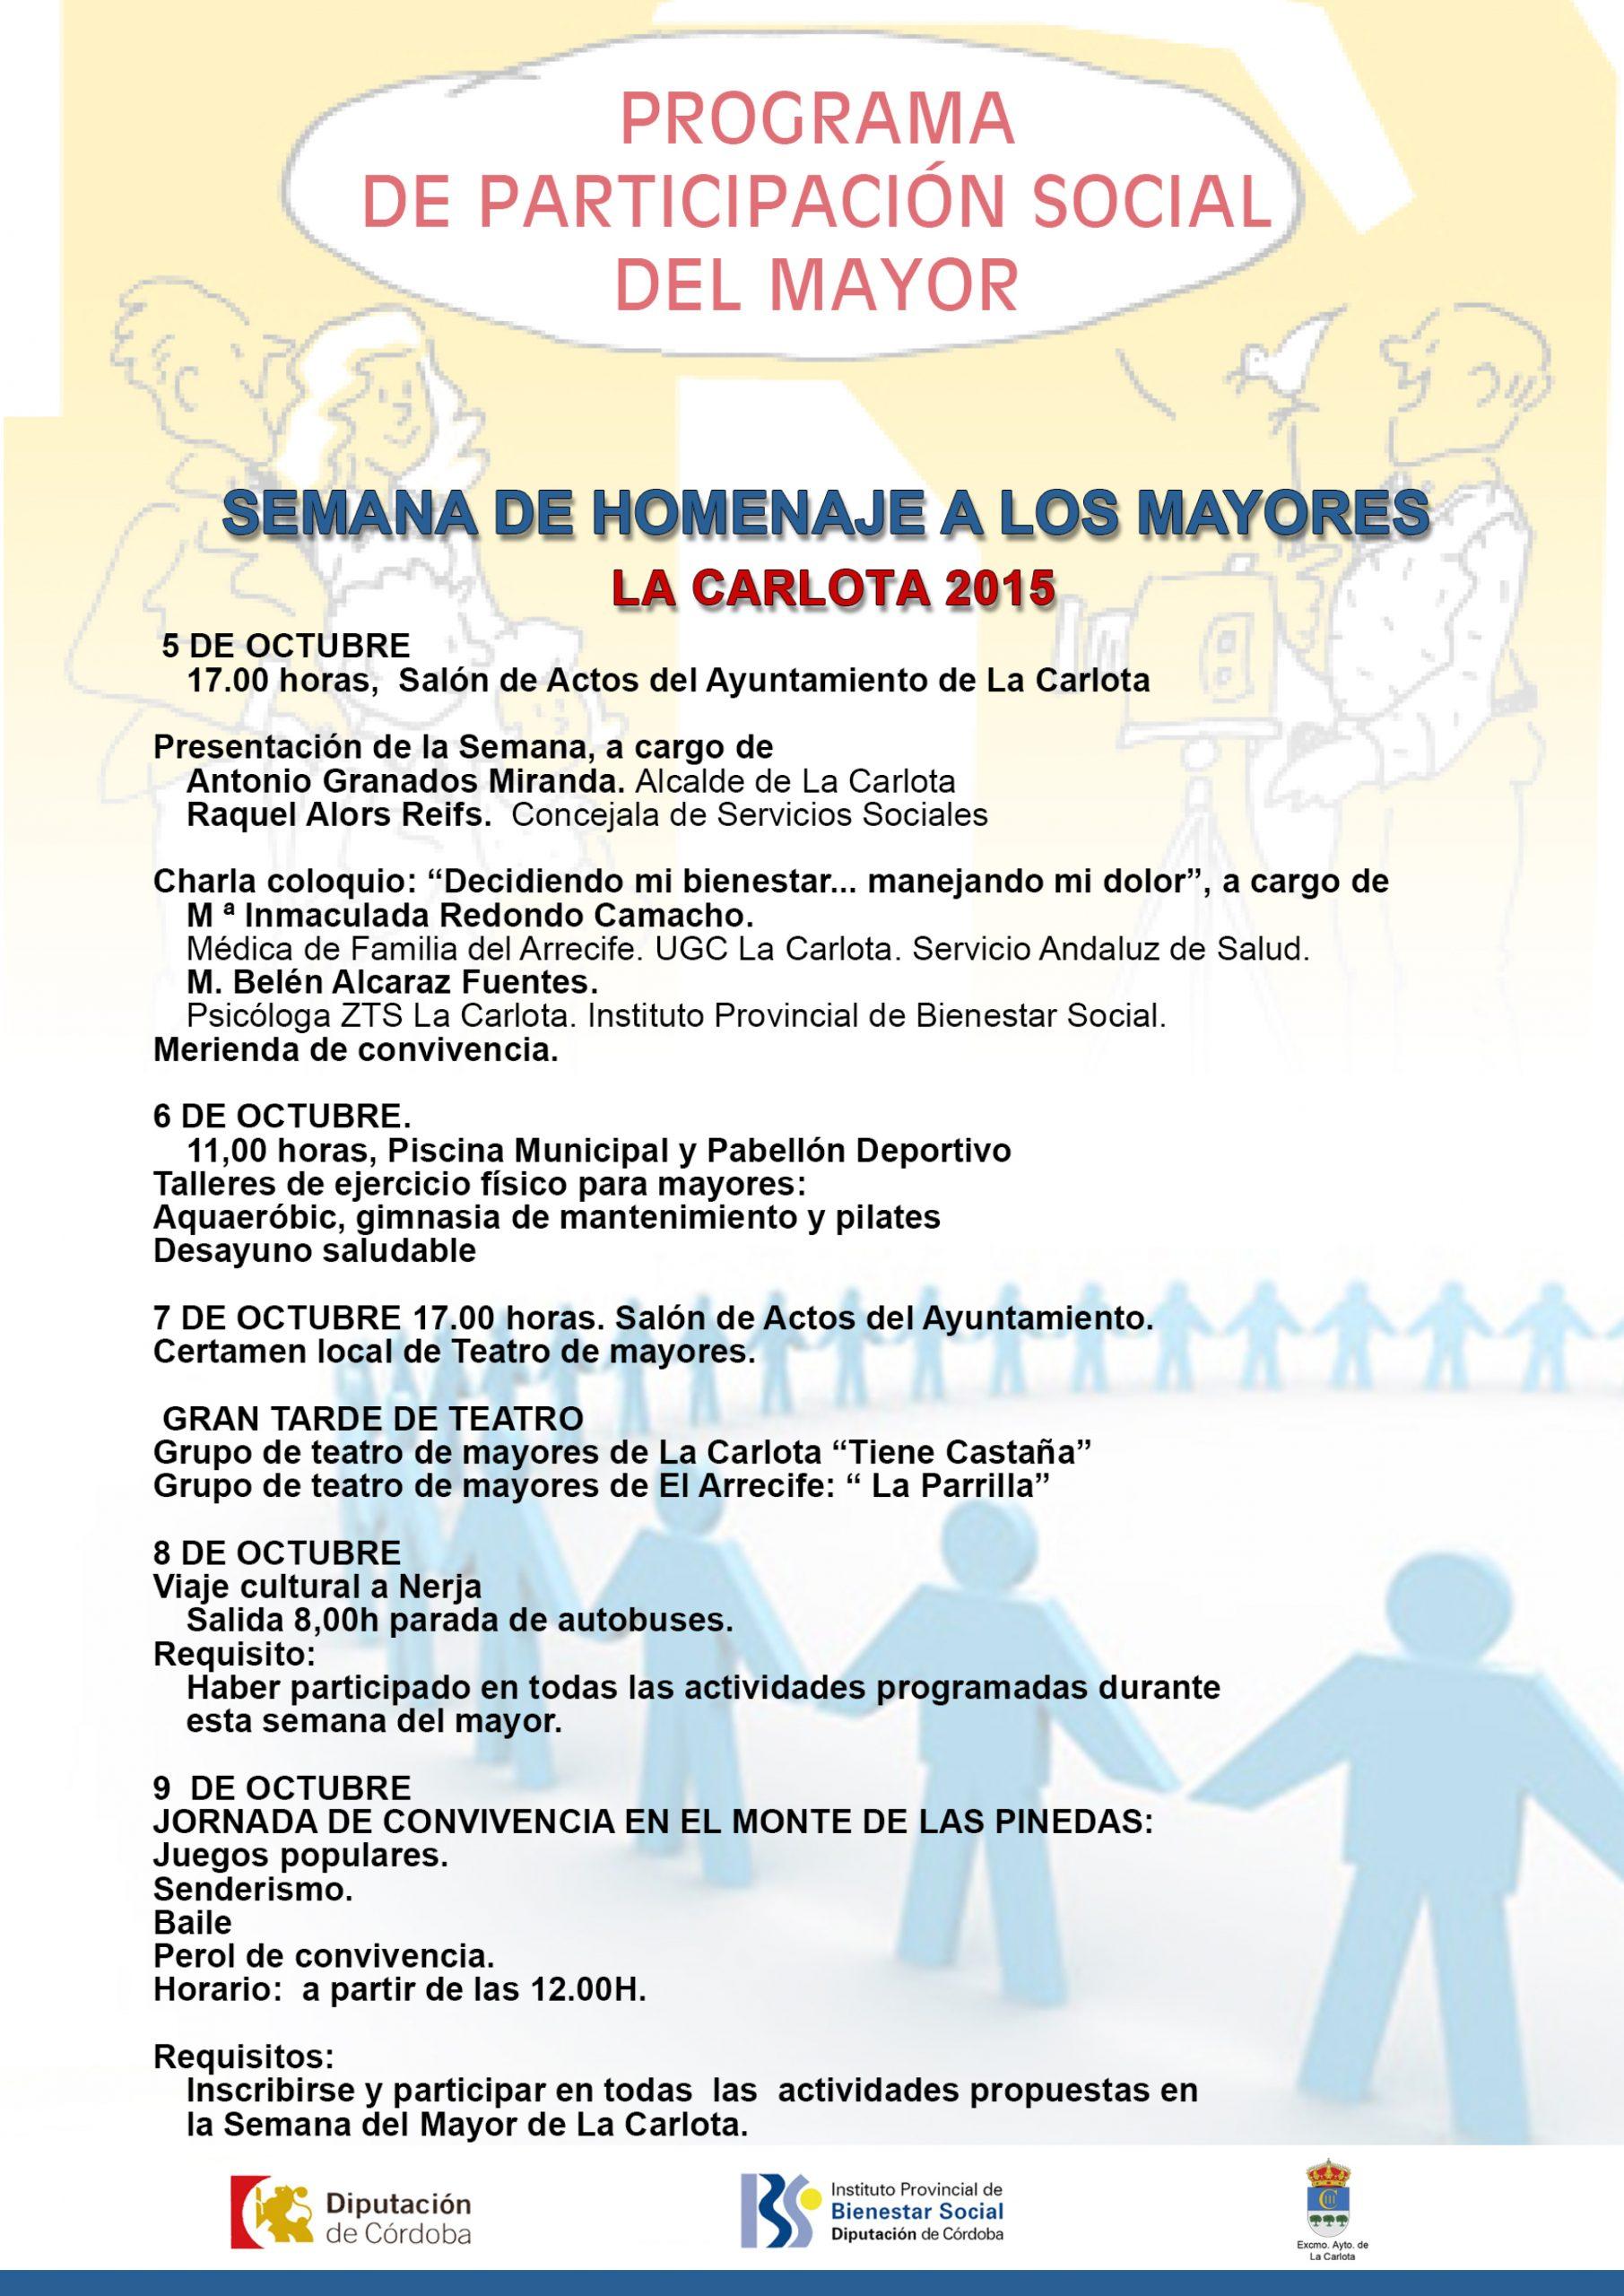 Incidencia enviada por comunicacion@ayto-lacarlota.es el 15/10/2015 09:29 1